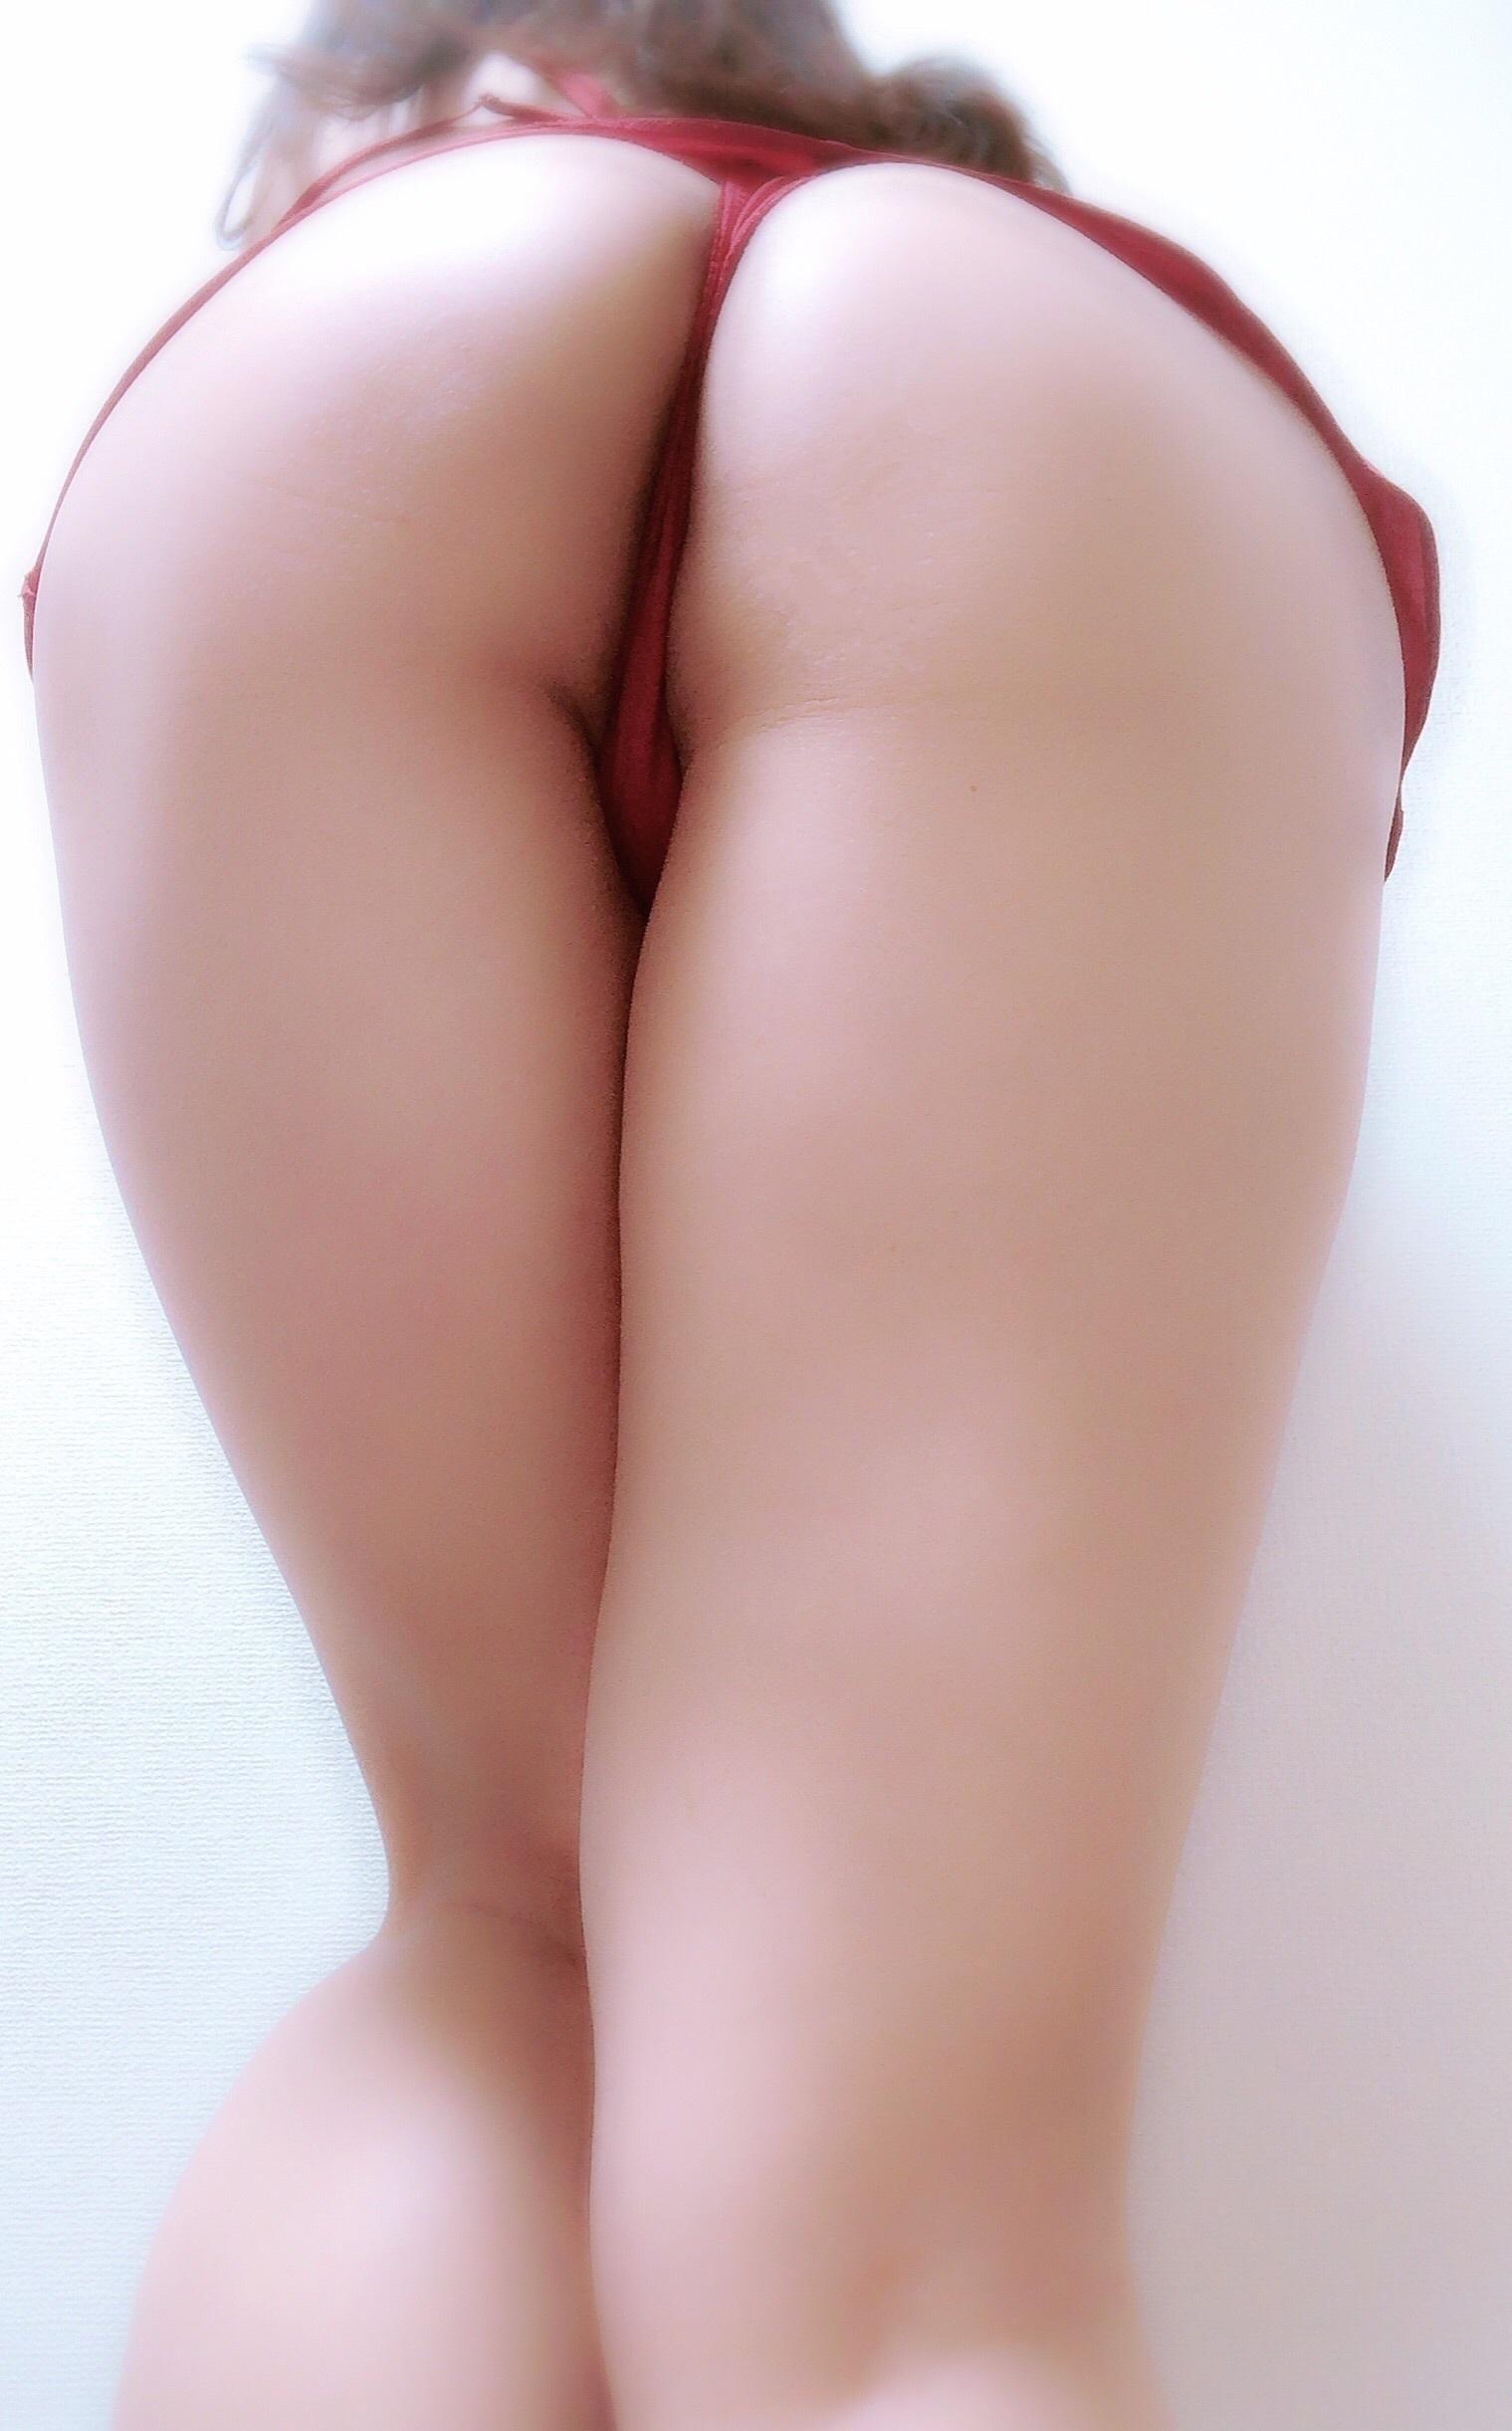 「デビュー??」01/18(金) 22:29   まりなの写メ・風俗動画